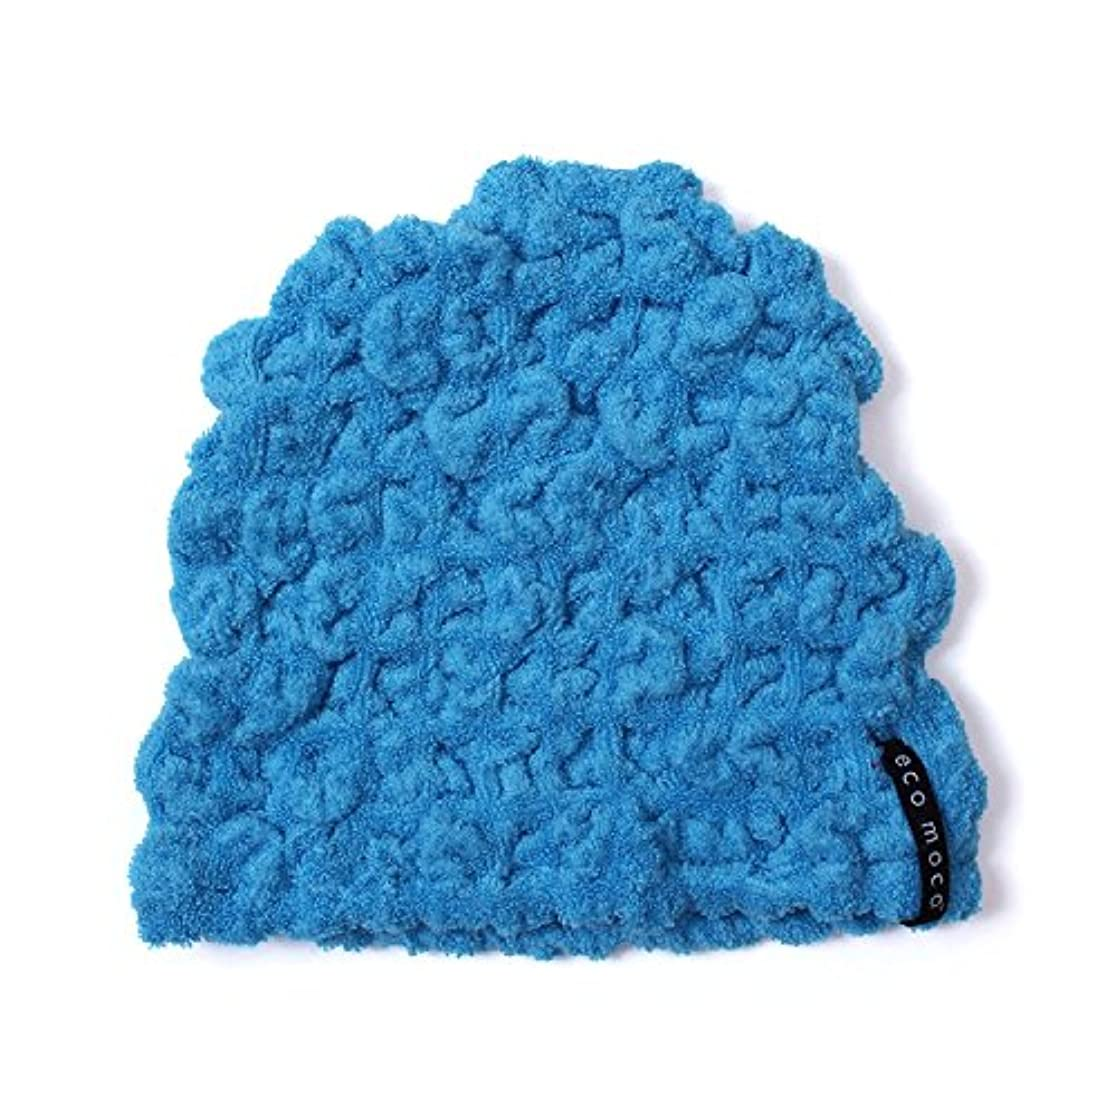 風変わりな服を洗う筋肉のecomoco モコモコキャップ 18.Blue lagoon MOCA-18